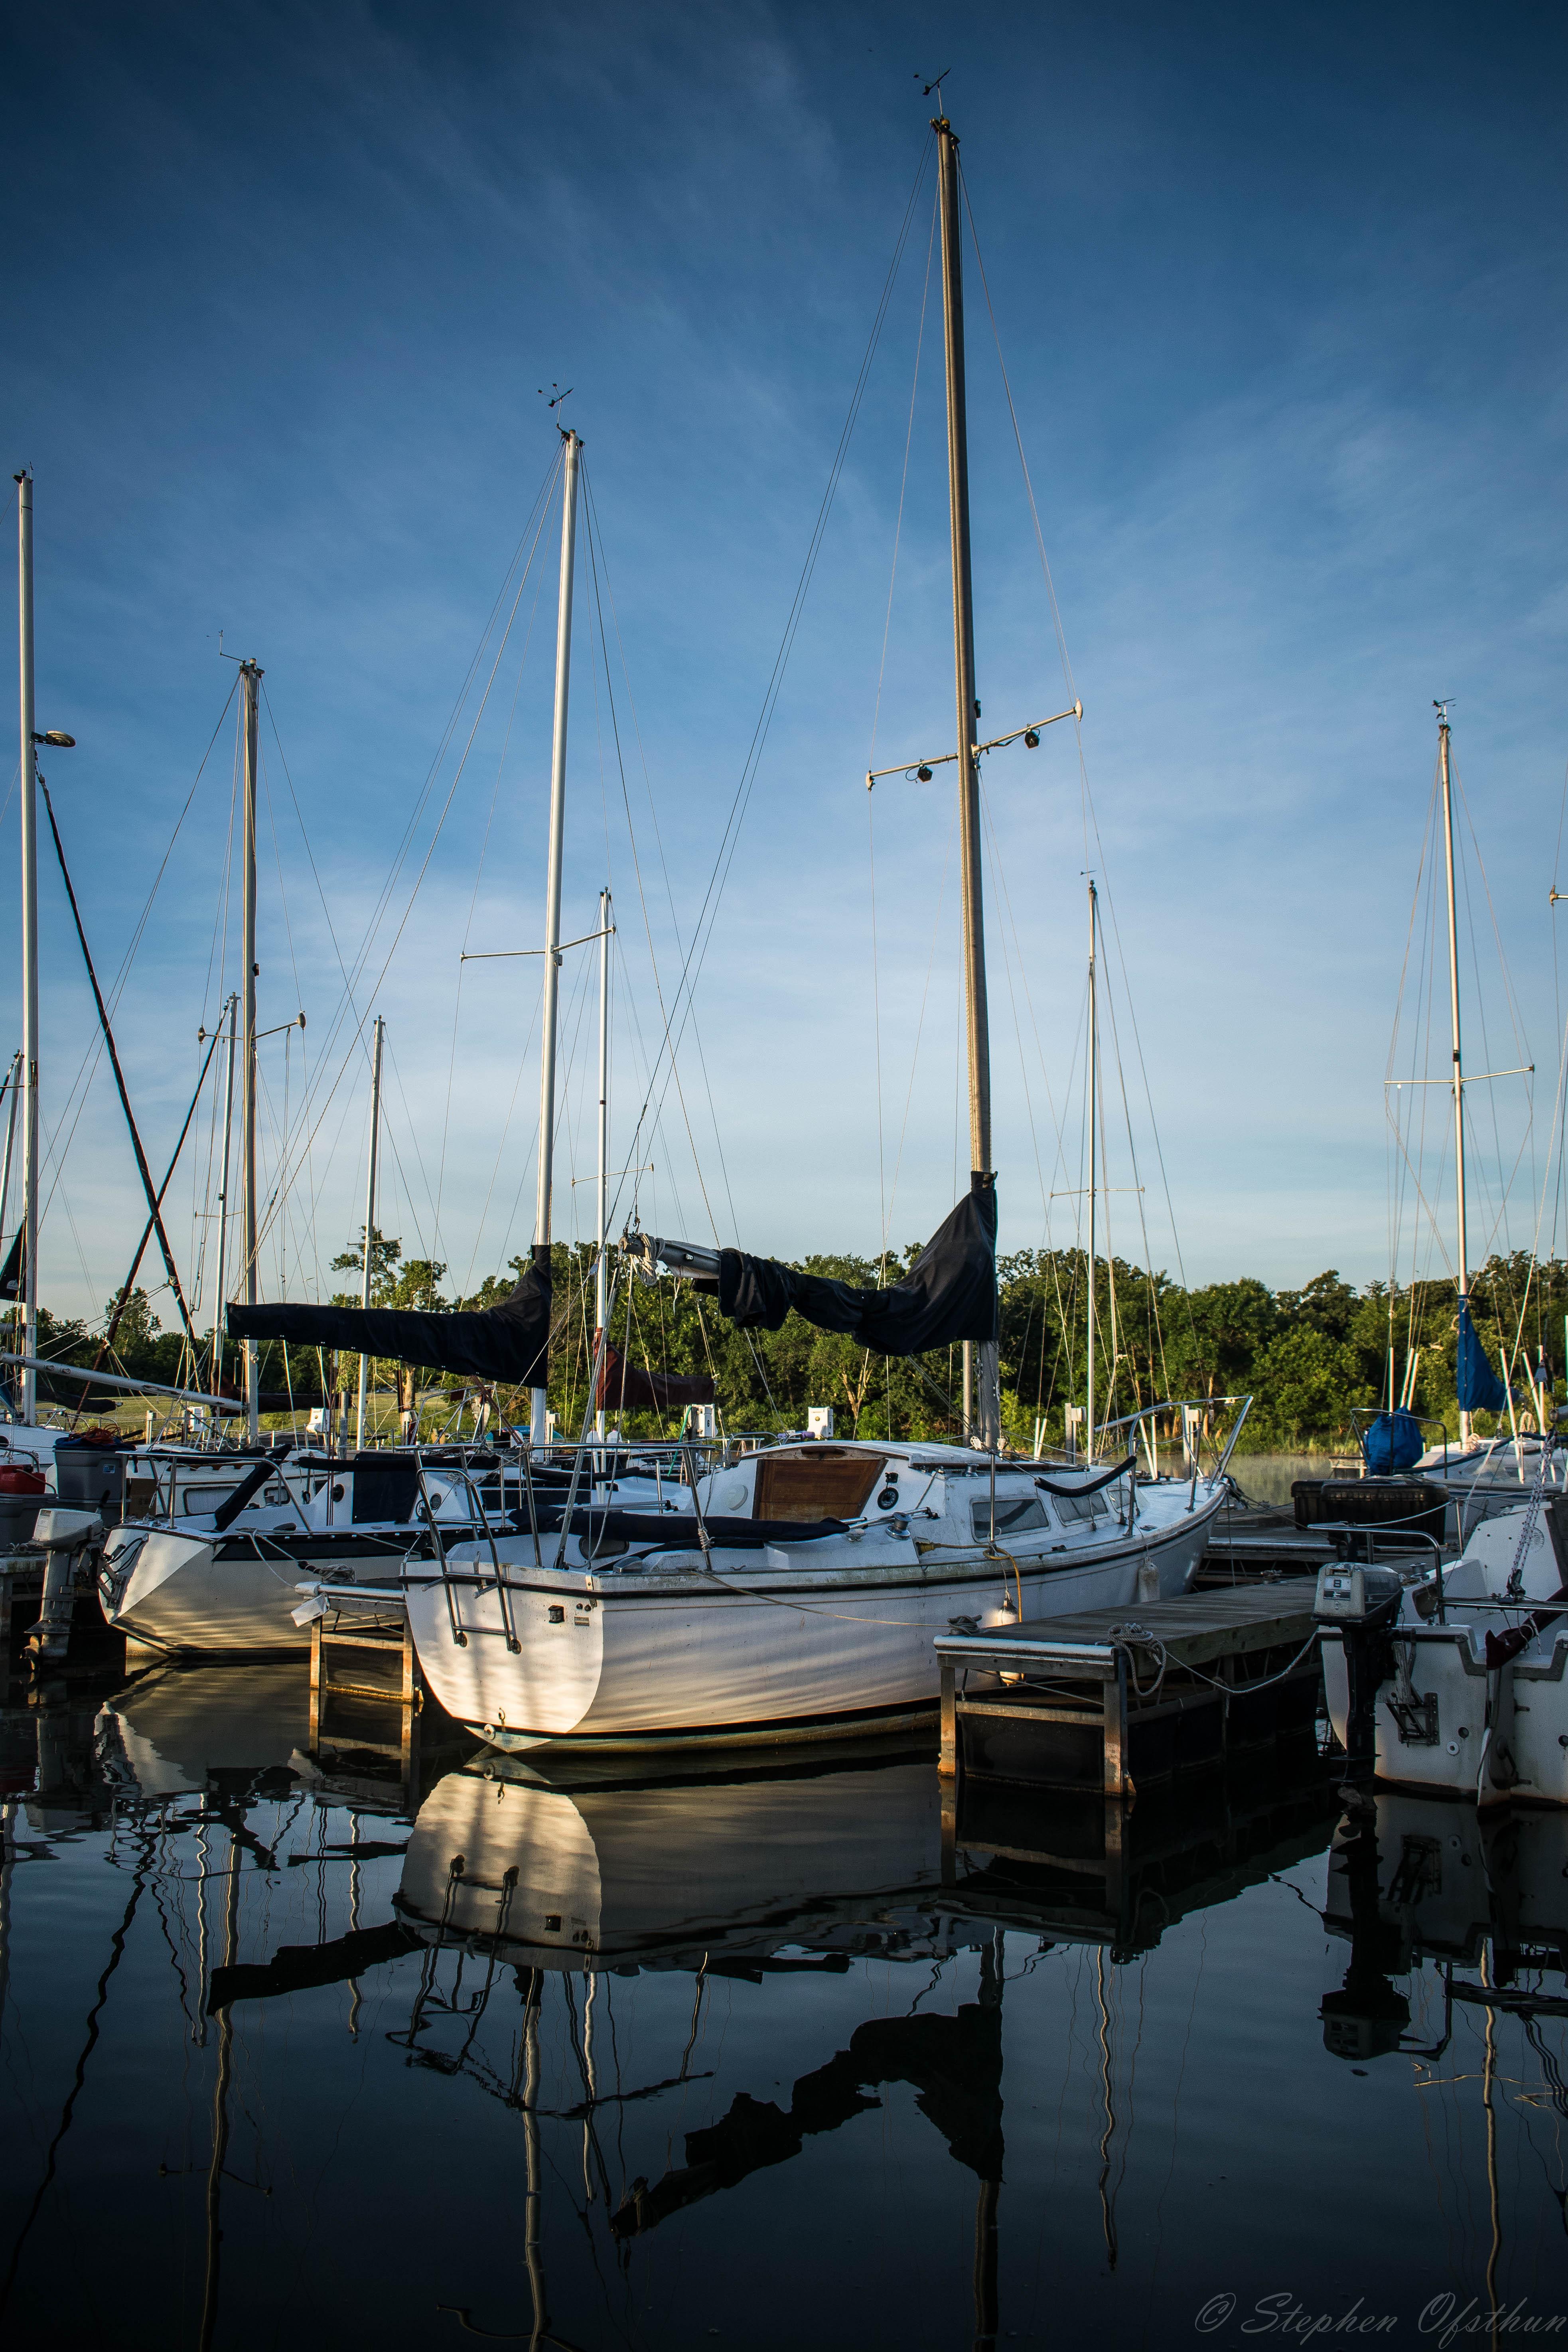 Sailboats docked at Calypso Cove Marina